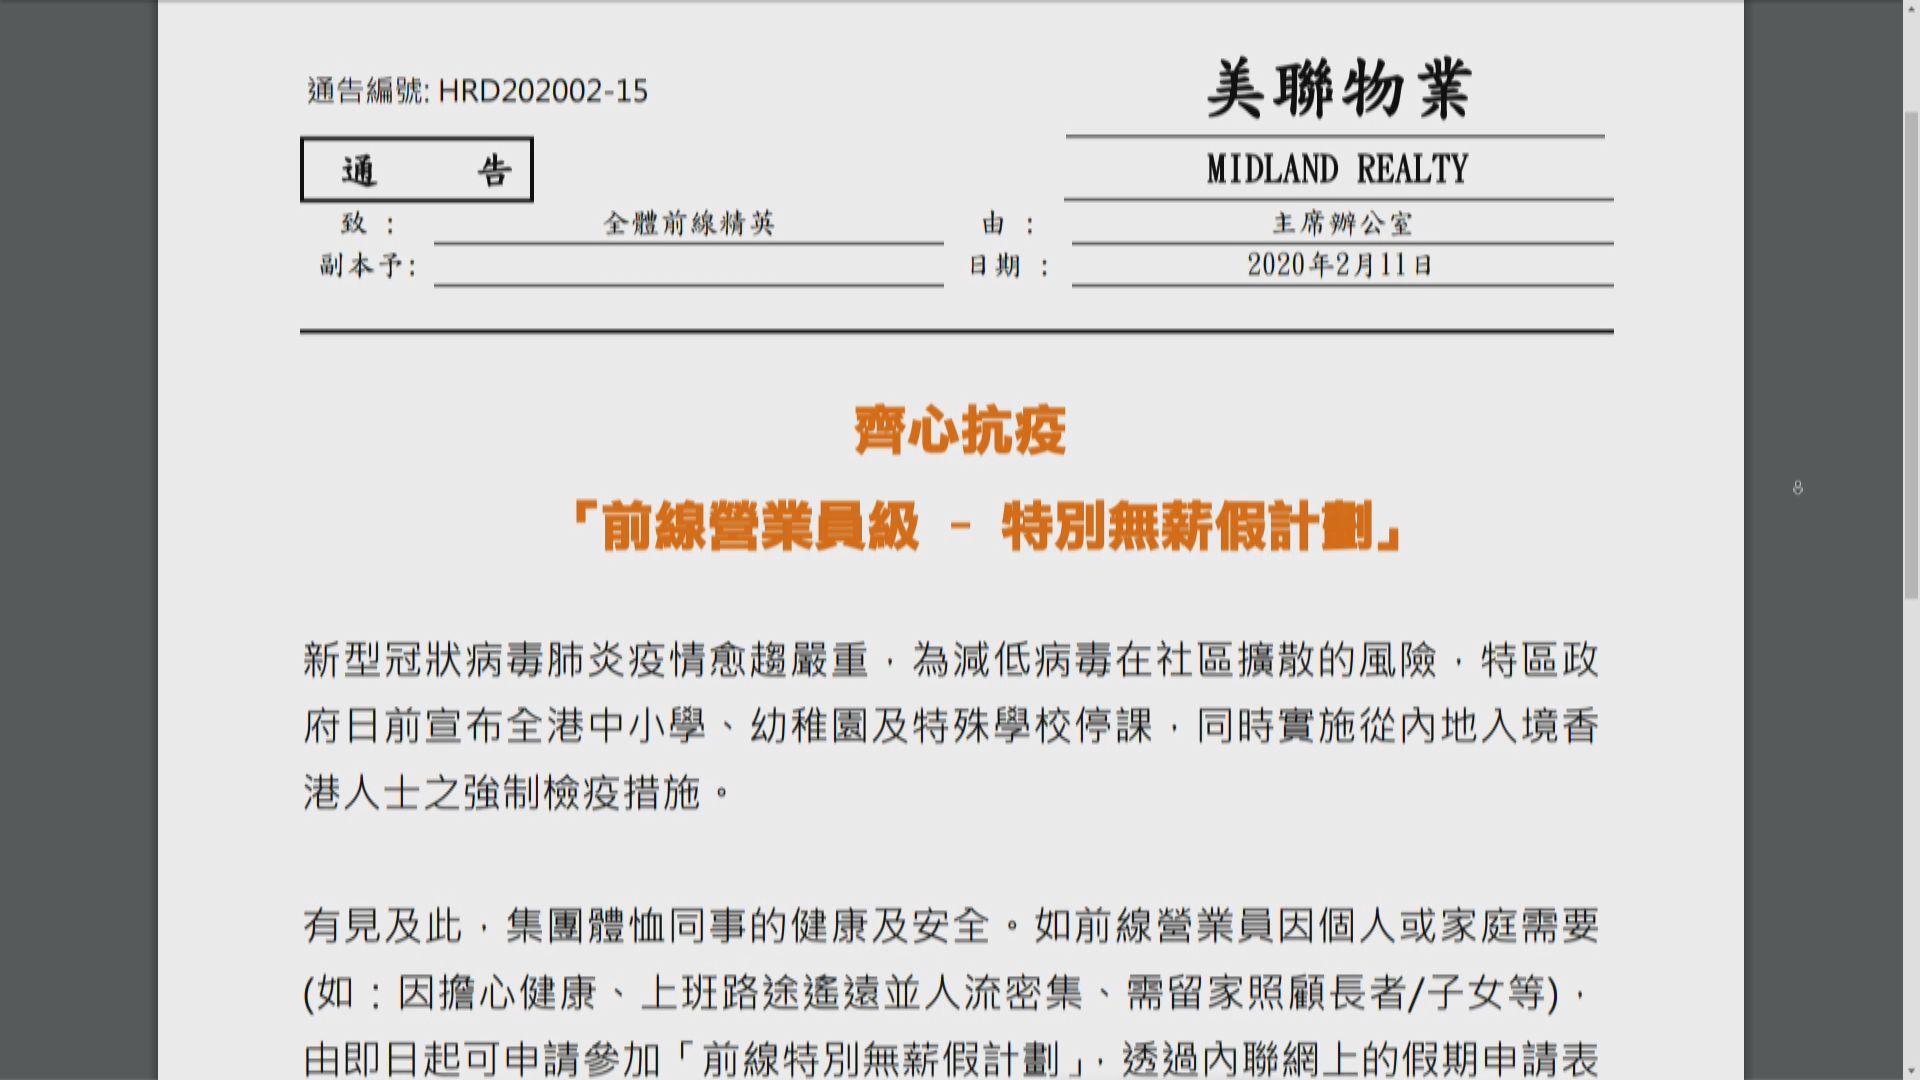 【樓市淡靜】美聯、香港置業要求員工放無薪假